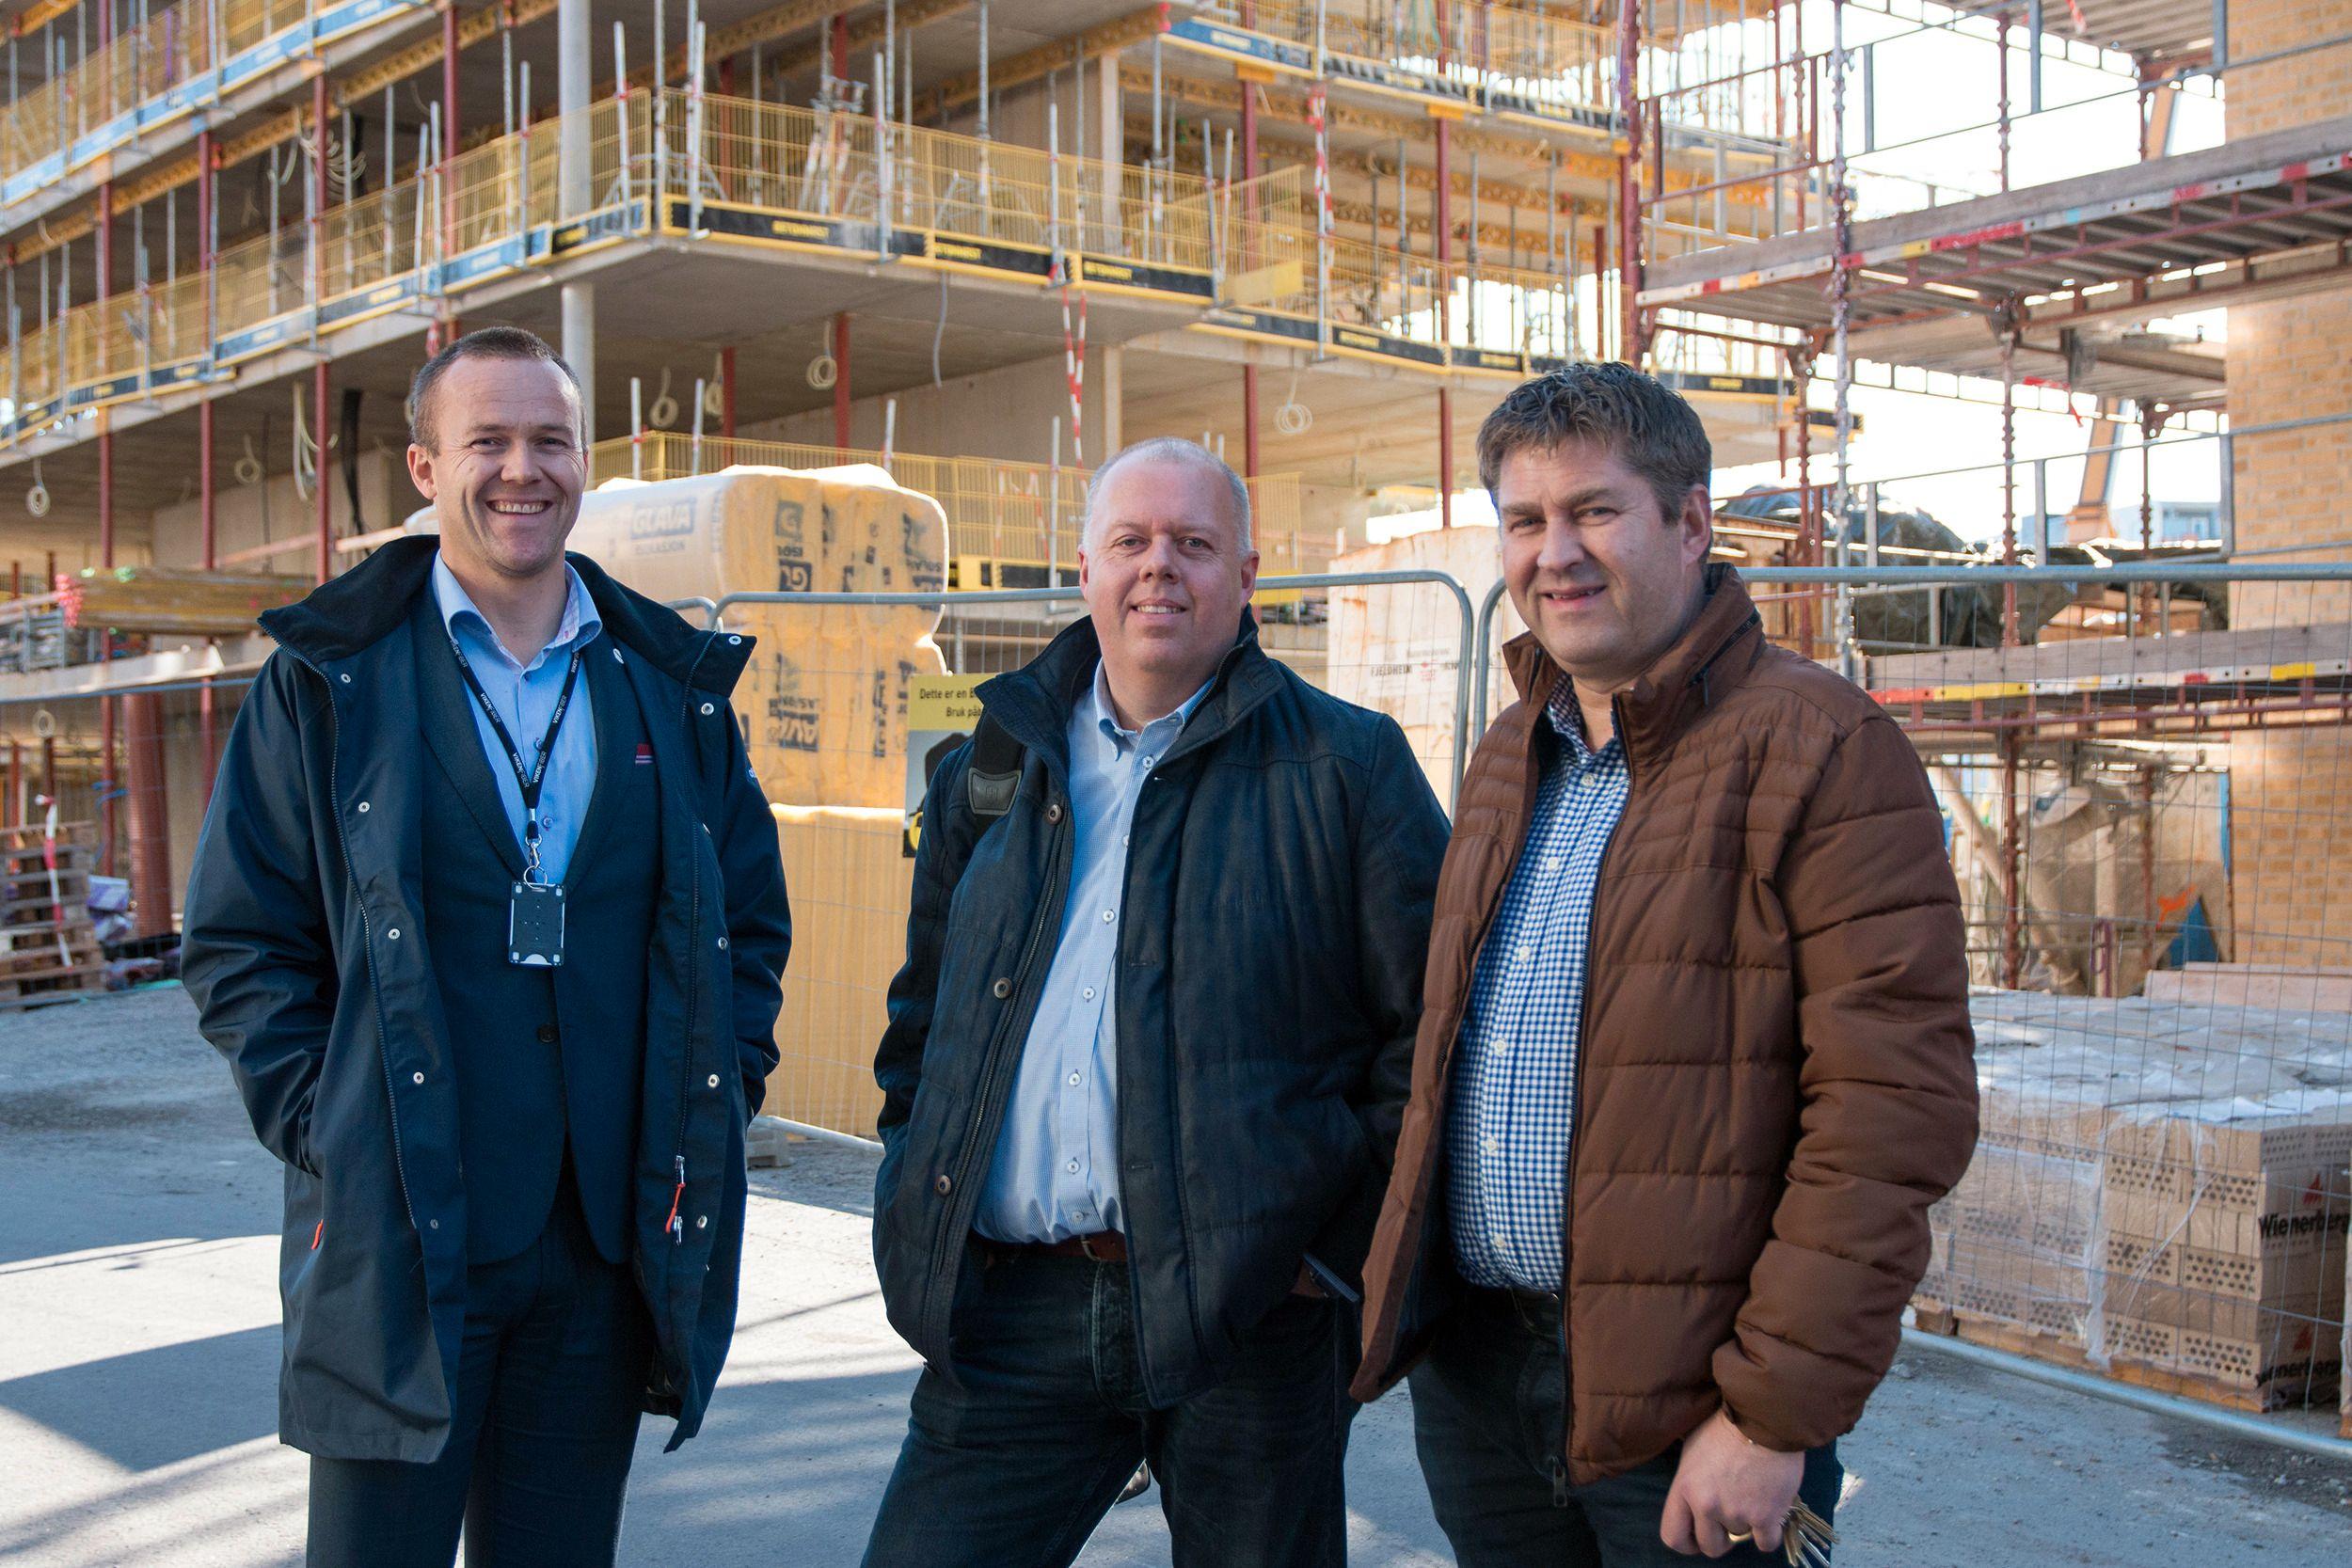 Fra venstre: Jon Birger Ellingsen i Viken Fiber, Per-Øyvind Ødegård i Altibox og Pål Johnsen i Viken Fiber. Foto: Vegar Jansen, Tek.no